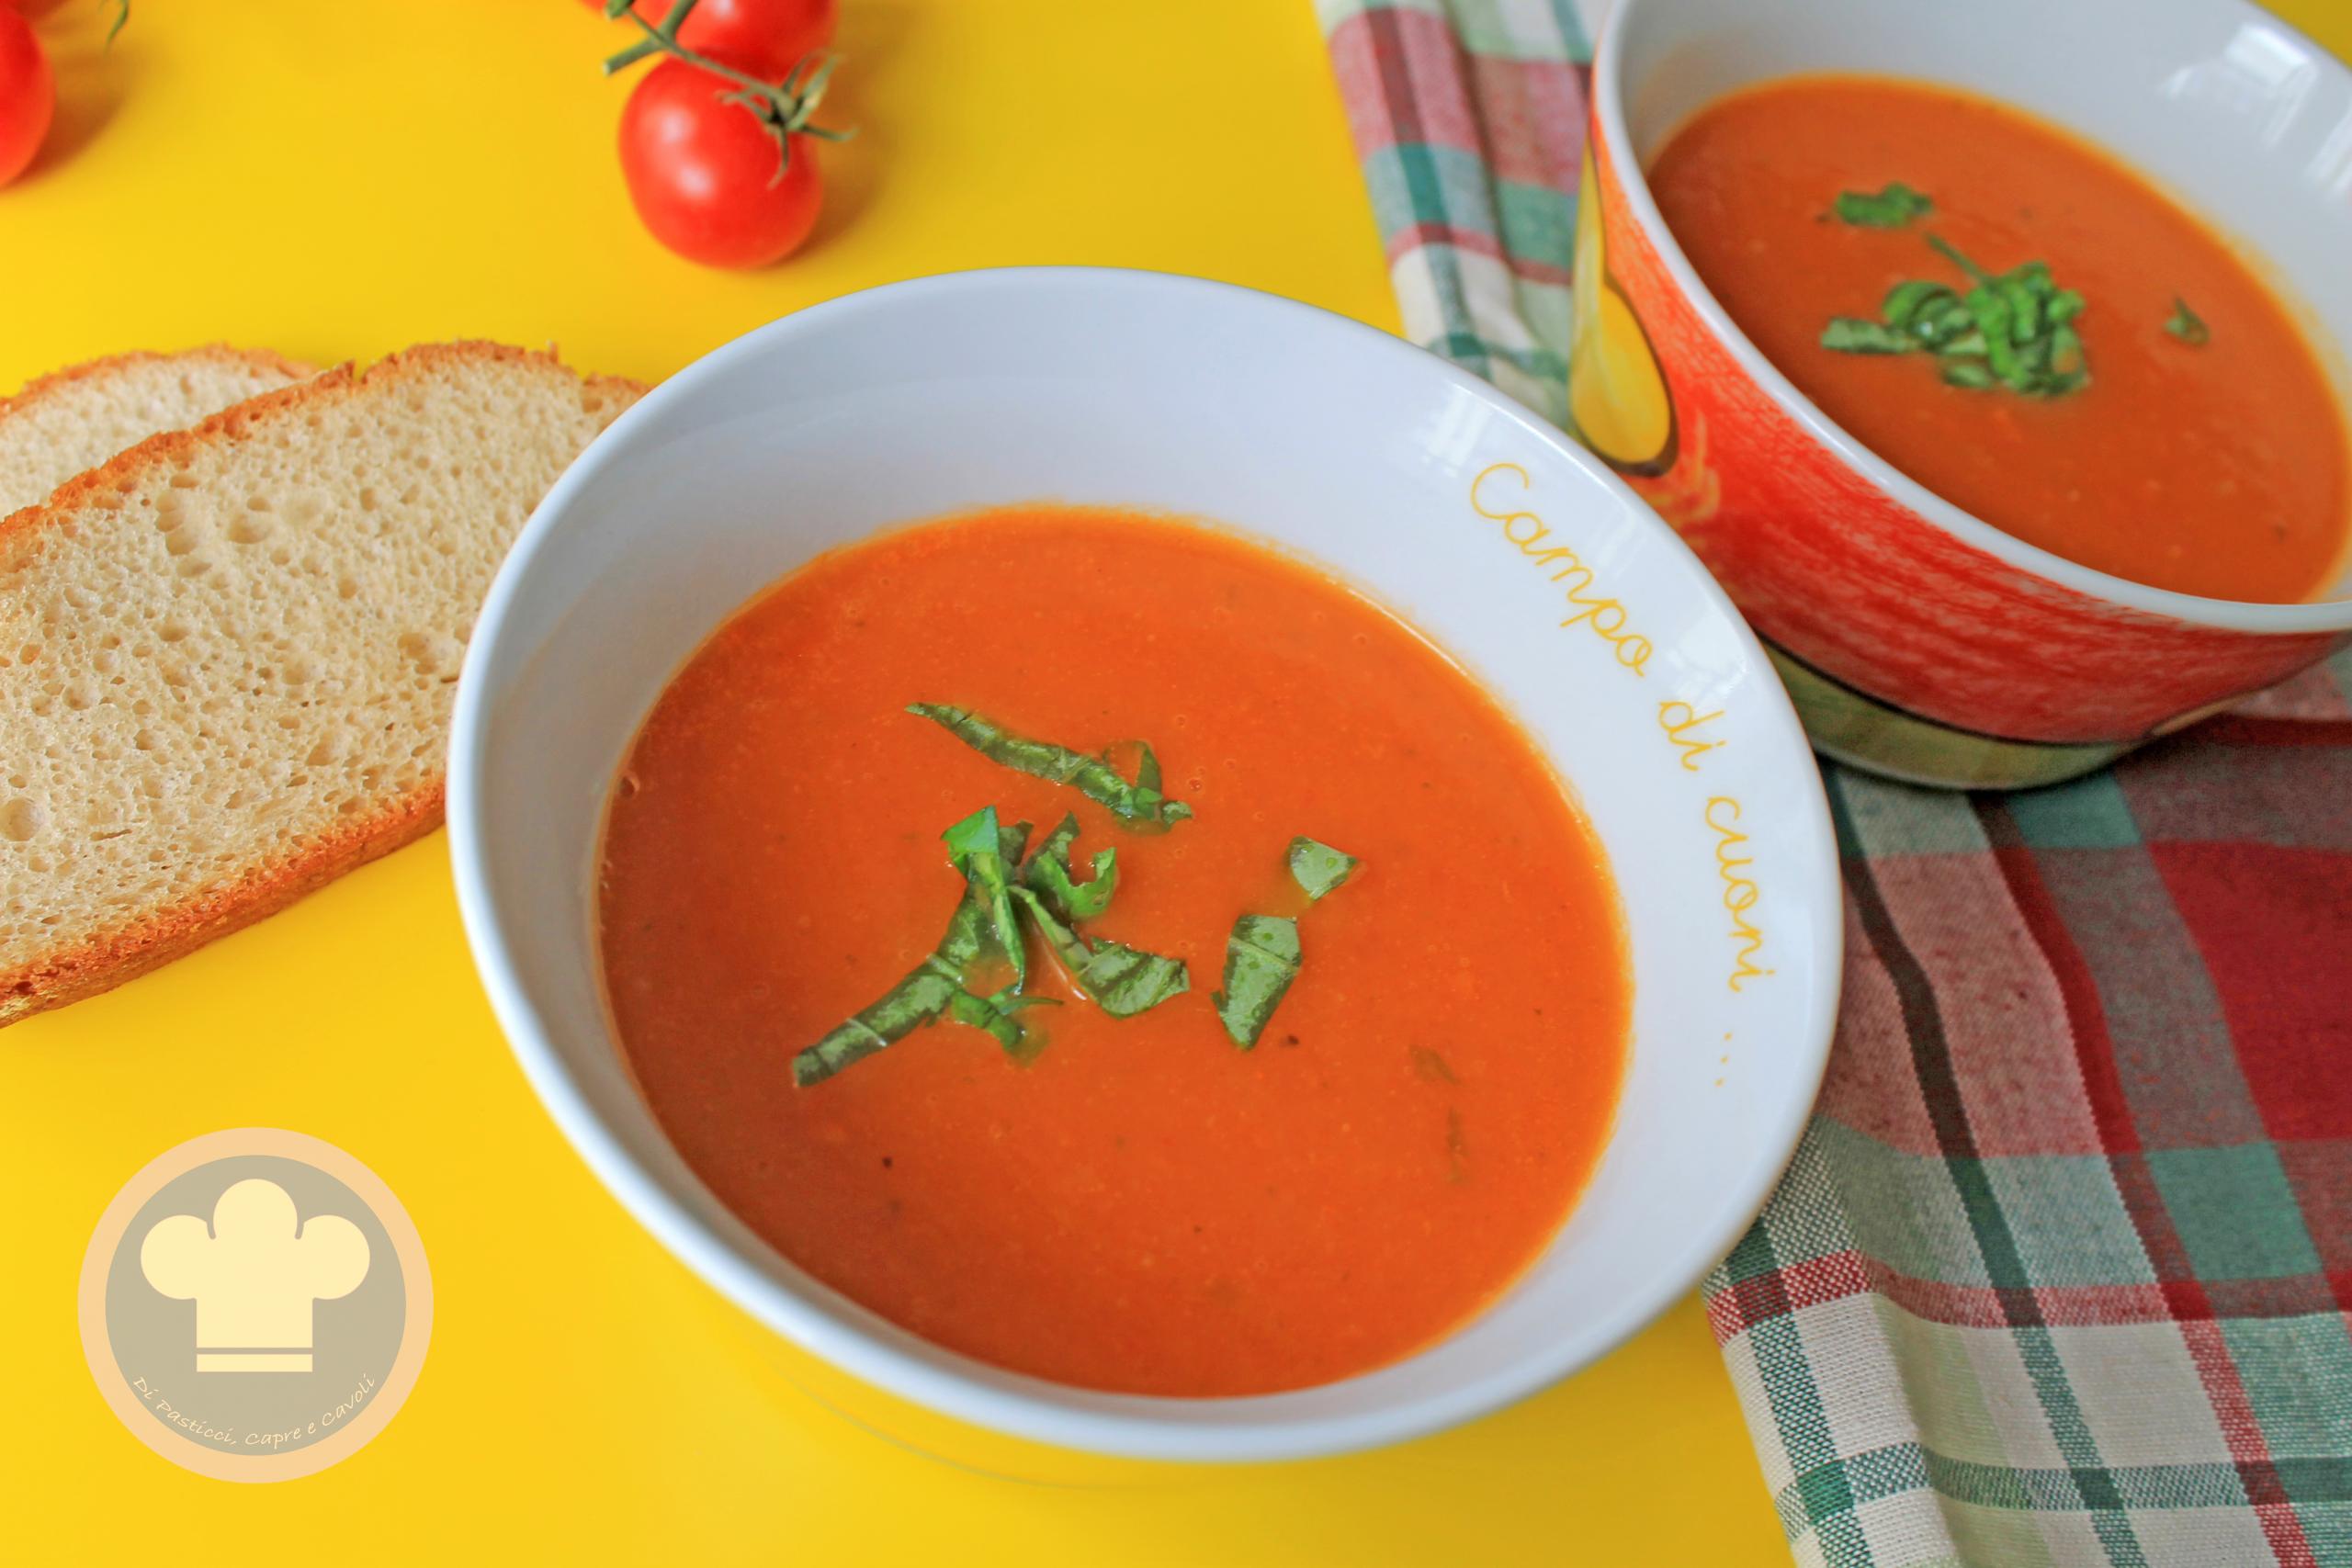 Zuppa di Pomodoro alla Turca